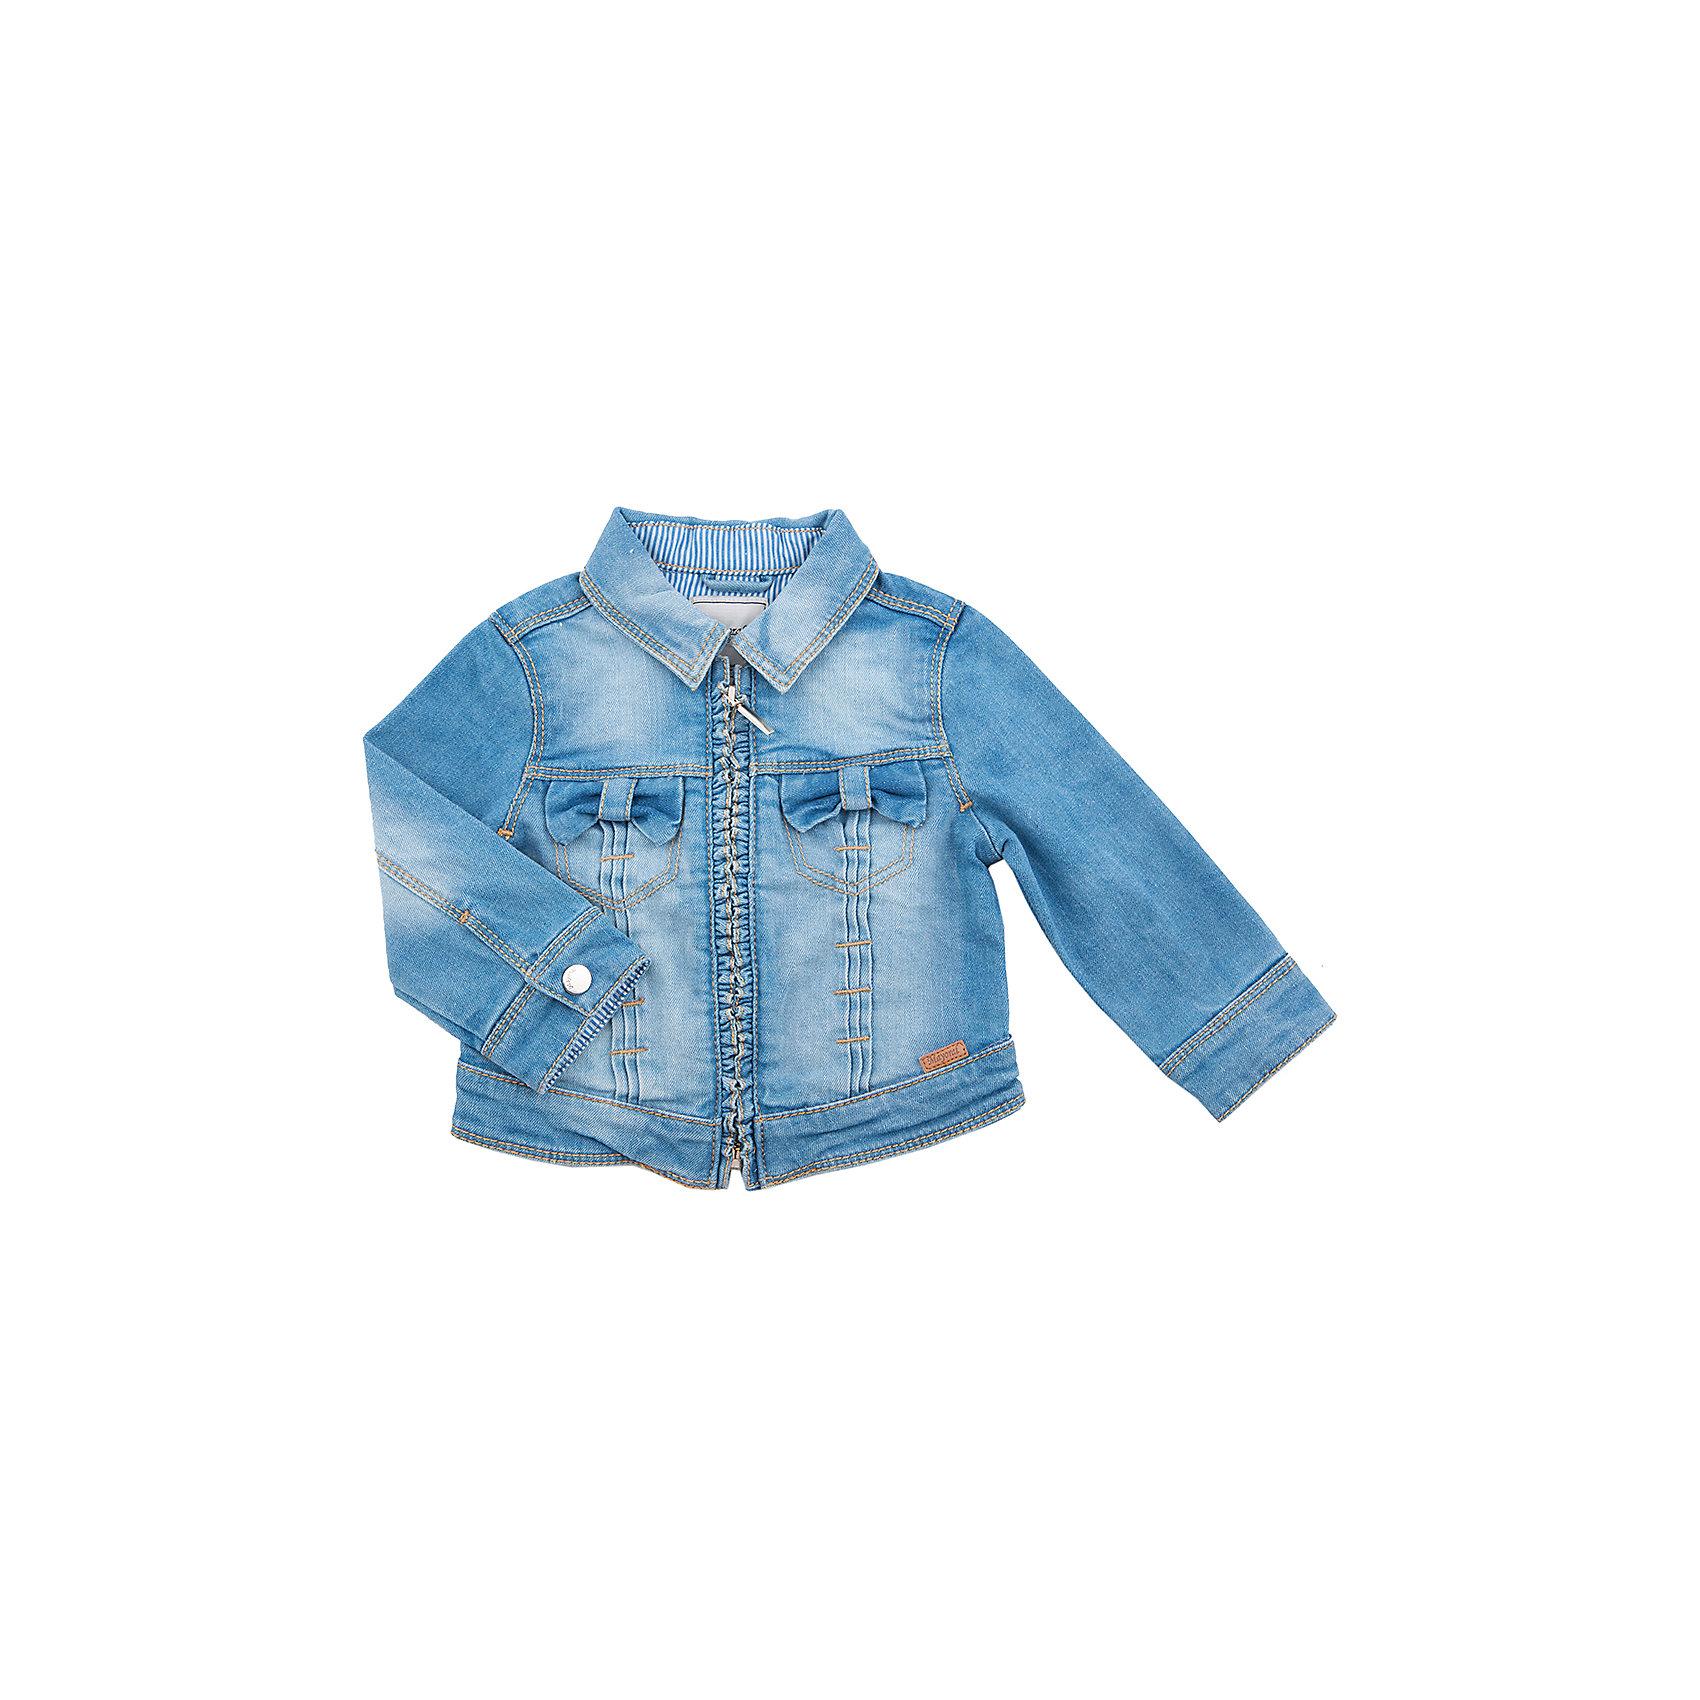 Куртка  MayoralКуртка для девочки от популярной испанской марки Mayoral.<br><br>Удобная джинсовая куртка от известного испанского бренда Mayoral – отличный вариант универсальной верхней одежды. Комфортный крой и качественный материал обеспечит комфорт при ношении этой вещи. Натуральный хлопок в составе изделия делает его дышащим и мягким.<br>Модель имеет следующие особенности:<br><br>- натуральная джинсовая ткань голубого цвета;<br>- эффект потертостей;<br>- застежка-молния;<br>- оборки.<br><br>Состав: 98% хлопок, 2% эластан<br><br>Уход за изделием:<br><br>стирка в машине при температуре до 30°С,<br>не отбеливать,<br>гладить на низкой температуре.<br> <br>Габариты:<br><br>длина рукава – 26 см,<br>длина по спинке – 25 см.<br><br>*Числовые параметры соответствуют росту 74<br><br>Куртку для девочки Mayoral (Майорал) можно купить в нашем магазине.<br><br>Ширина мм: 356<br>Глубина мм: 10<br>Высота мм: 245<br>Вес г: 519<br>Цвет: разноцветный<br>Возраст от месяцев: 9<br>Возраст до месяцев: 12<br>Пол: Унисекс<br>Возраст: Детский<br>Размер: 80,74<br>SKU: 4232304